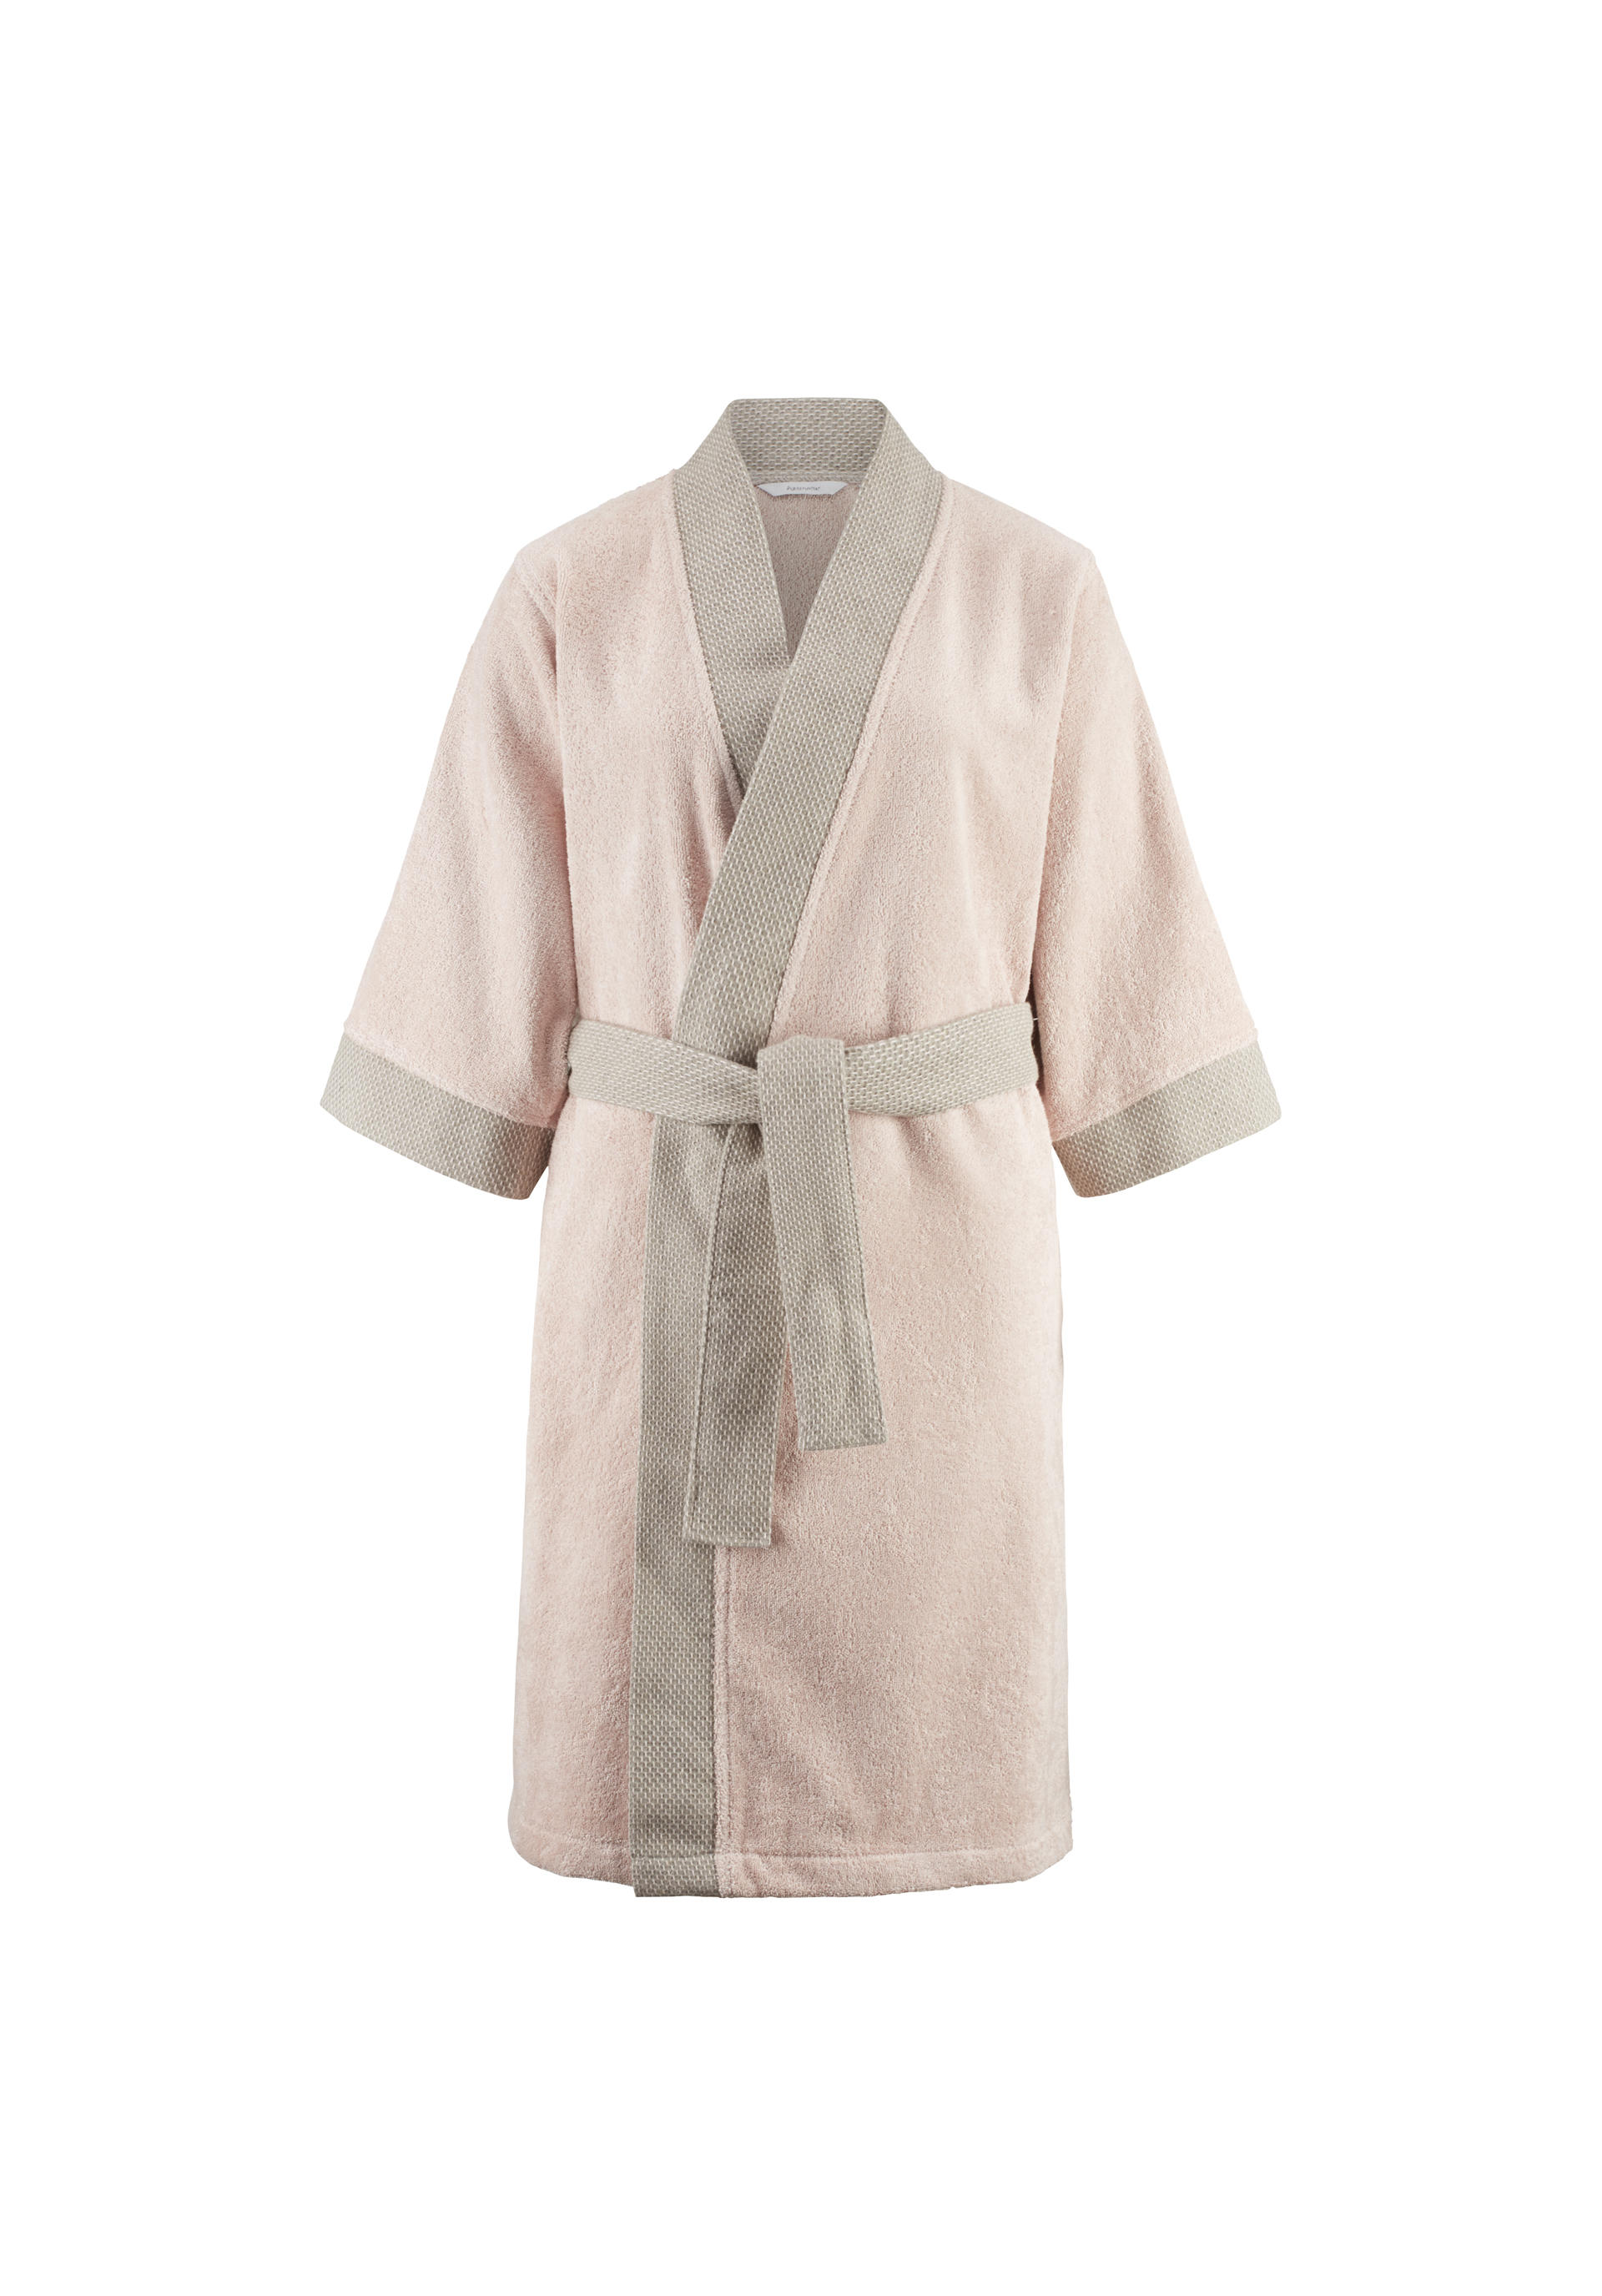 7fd1c107be0008 ... Kimono-Bademantel aus Bio-Baumwolle mit Leinen in der Bordüre